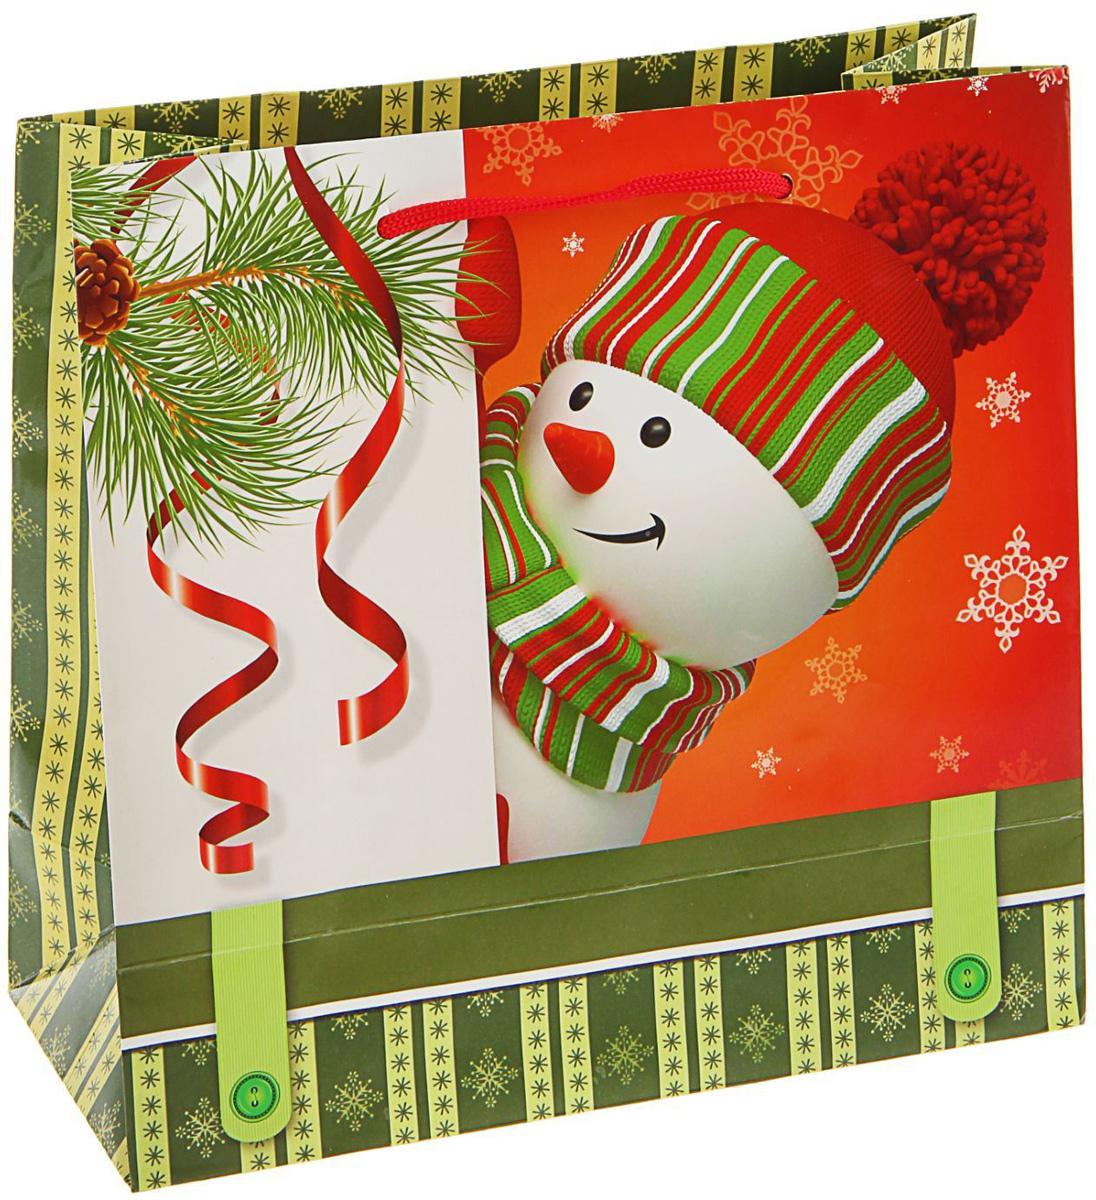 Пакет подарочный Sima-land Озорной снеговик, 23 х 22,5 х 10 см1686070Подарочный пакет Sima-land, изготовленный из плотной бумаги, станет незаменимым дополнением к выбранному подарку. Дно изделия укреплено плотным картоном, который позволяет сохранить форму и исключает возможность деформации дна под тяжестью подарка. Для удобной переноски имеются две ручки из шнурков. Подарок, преподнесенный в оригинальной упаковке, всегда будет самым эффектным и запоминающимся. Окружите близких людей вниманием и заботой, вручив презент в нарядном, праздничном оформлении.